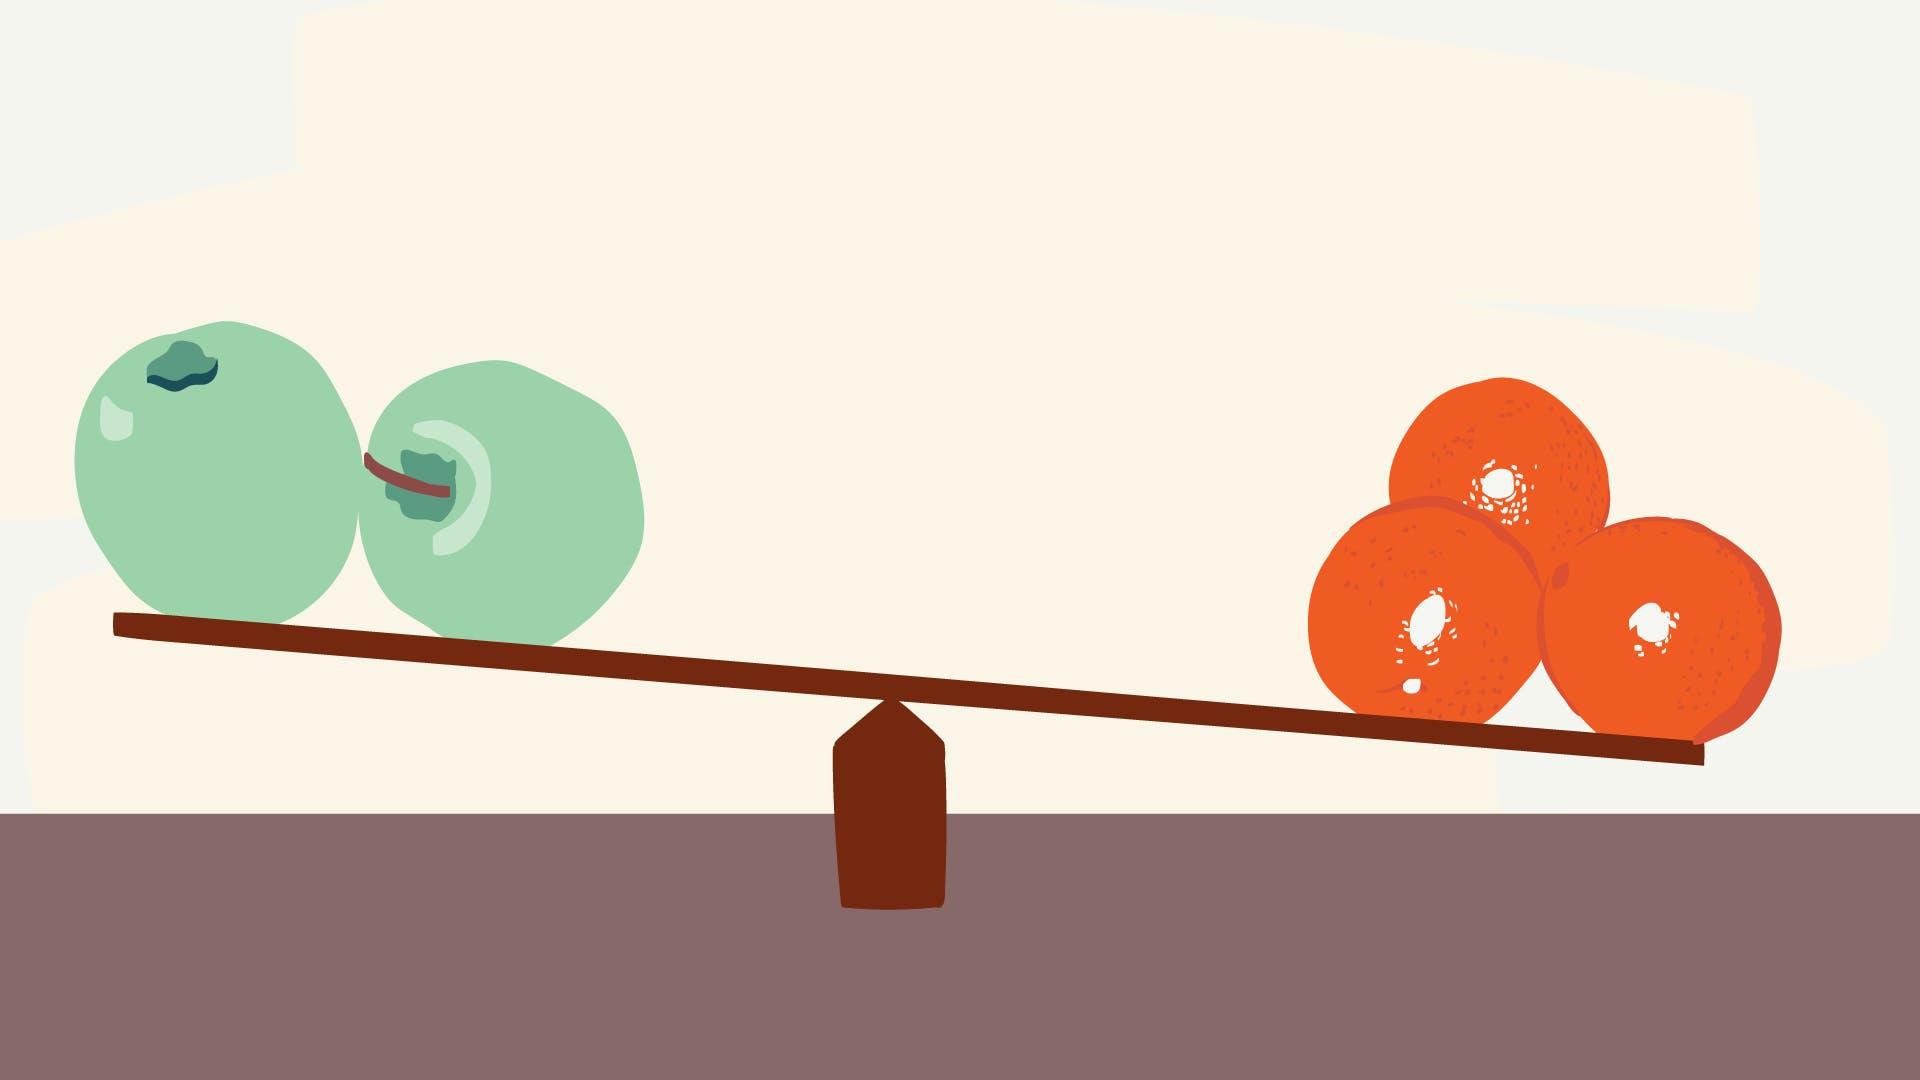 Waage mit Äpfeln und Birnen, die vermitteln soll, dass beim Kreditvergleich auf die unterschiedlichen Bearbeitungsgebühren berücksichtigt werden.